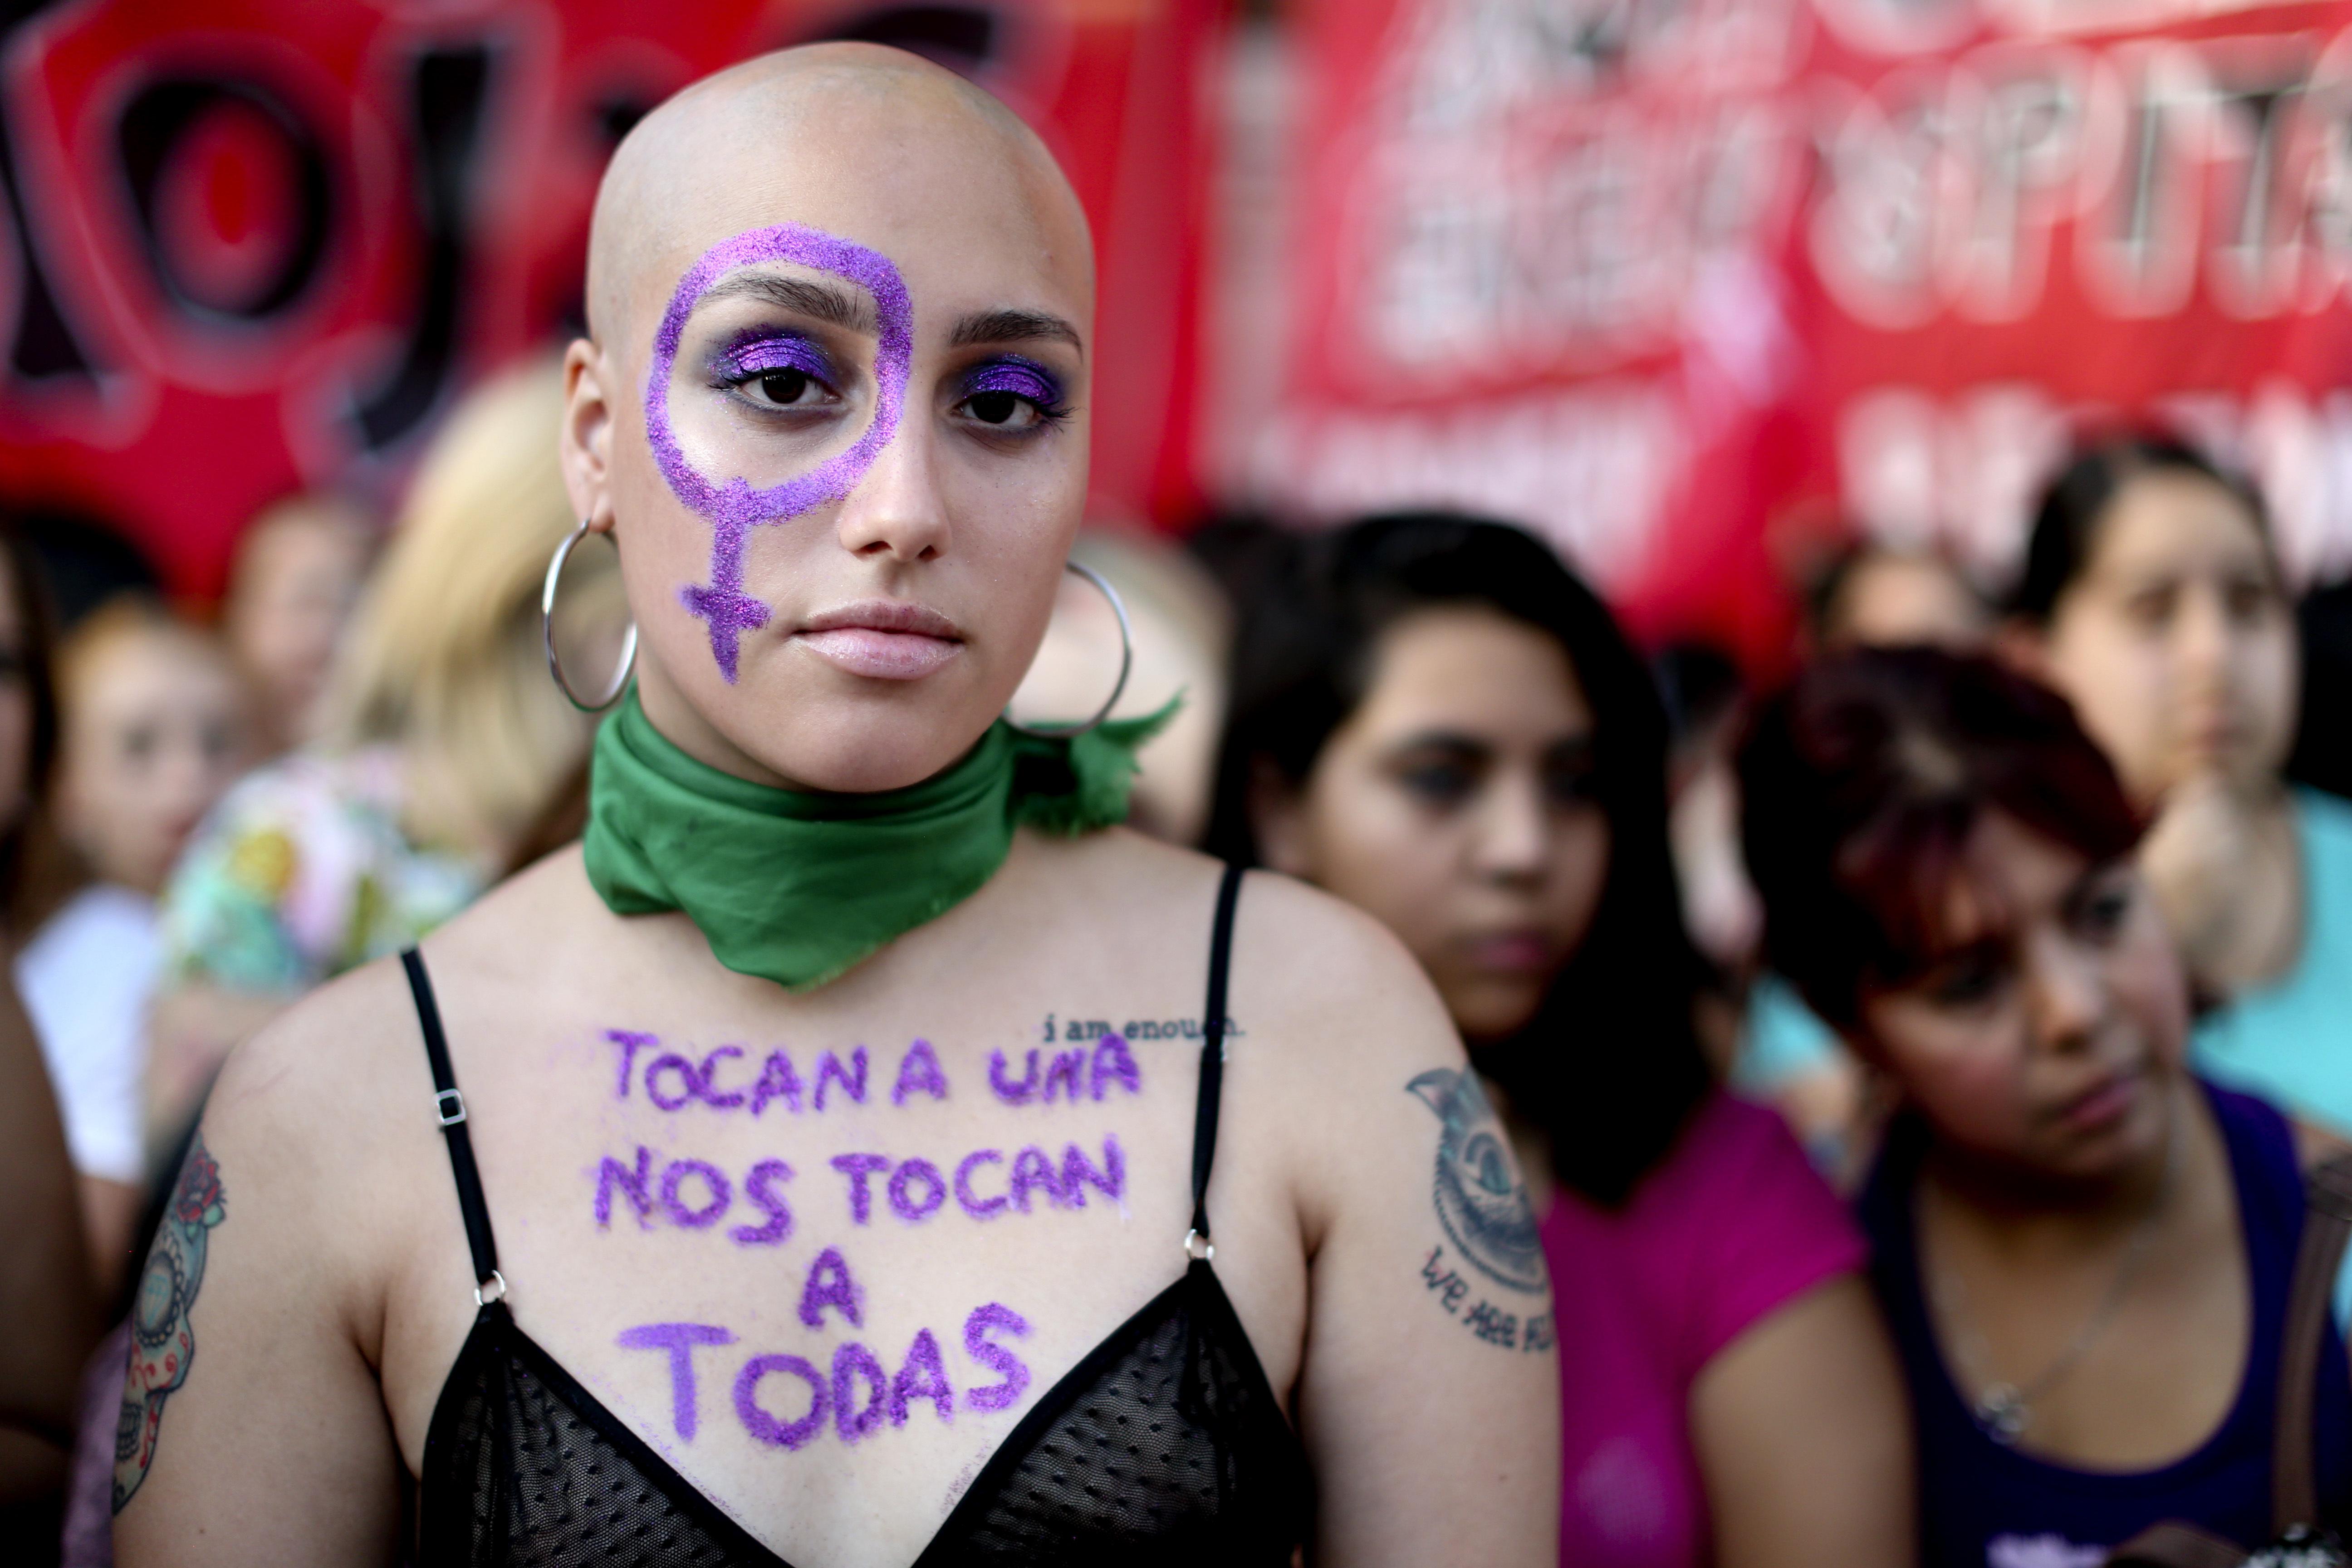 Una mujer protesta contra la violencia de género